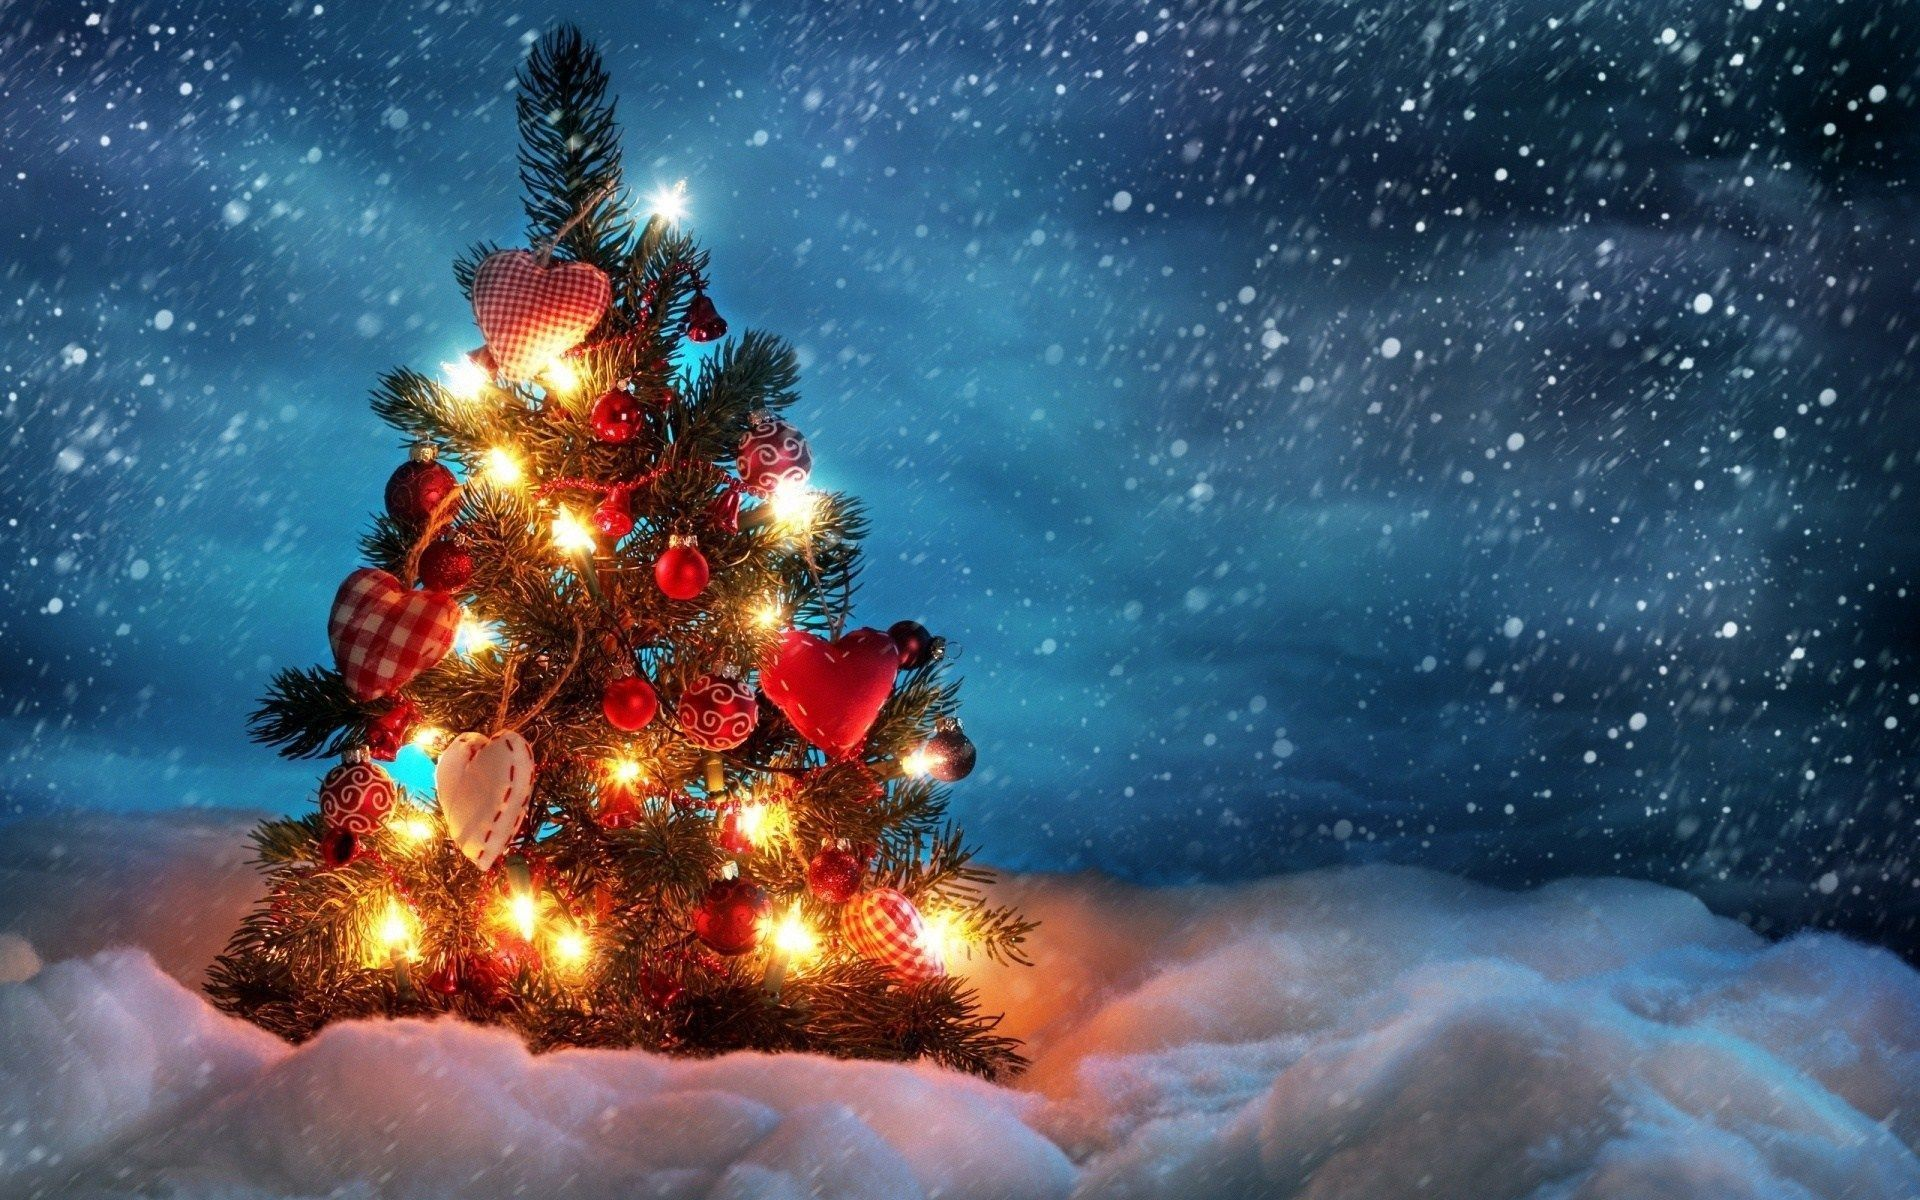 Christmas Desktop Pictures.Winter Christmas Desktop Wallpapers Top Free Winter